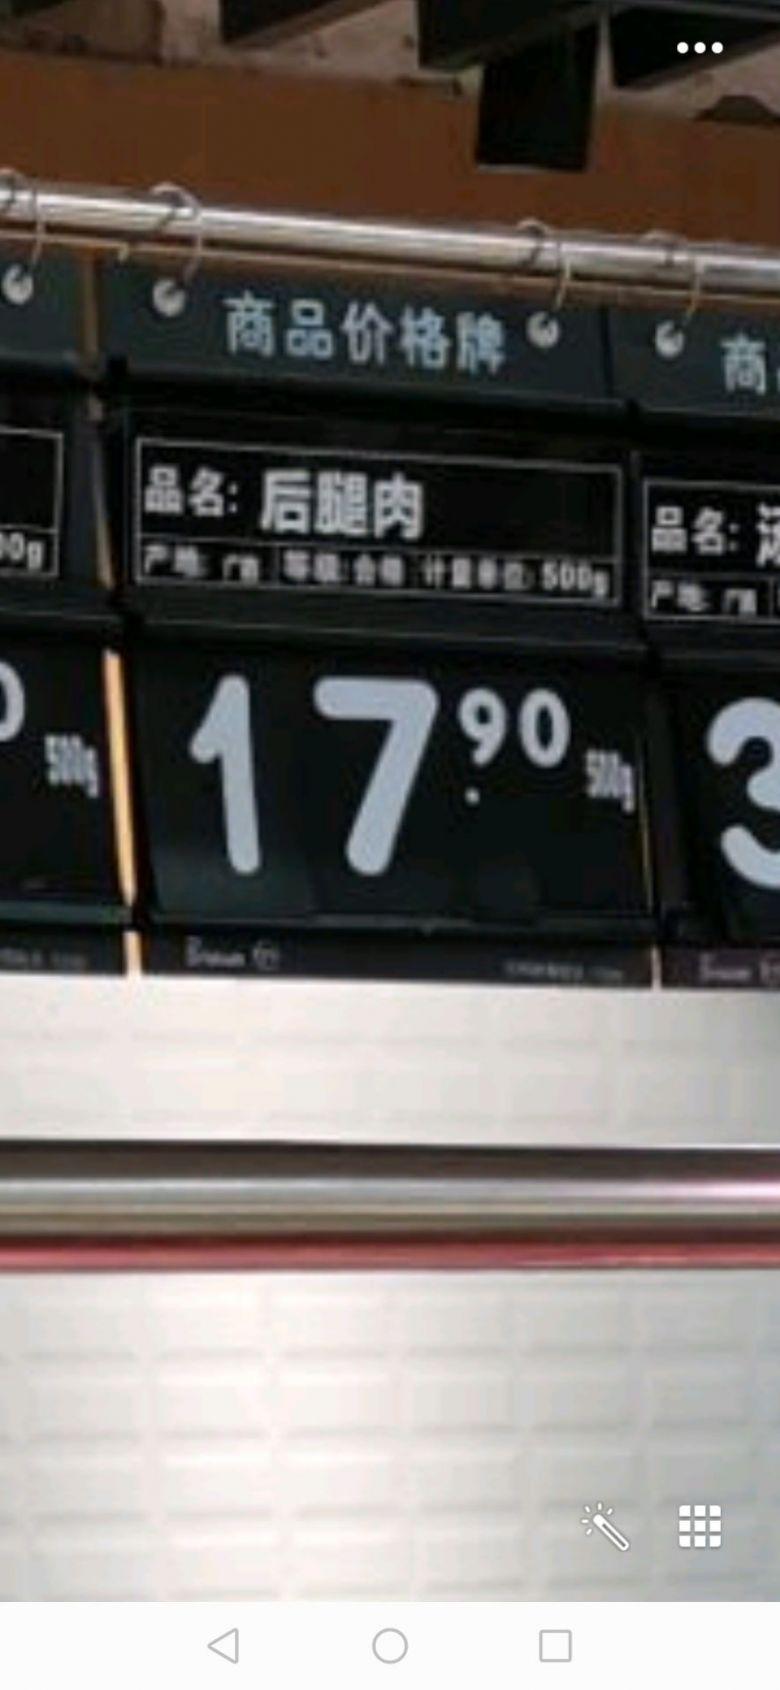 亚博体育sport一超市猪肉17.9元一斤遭疯抢,超市:折扣活动仅两天